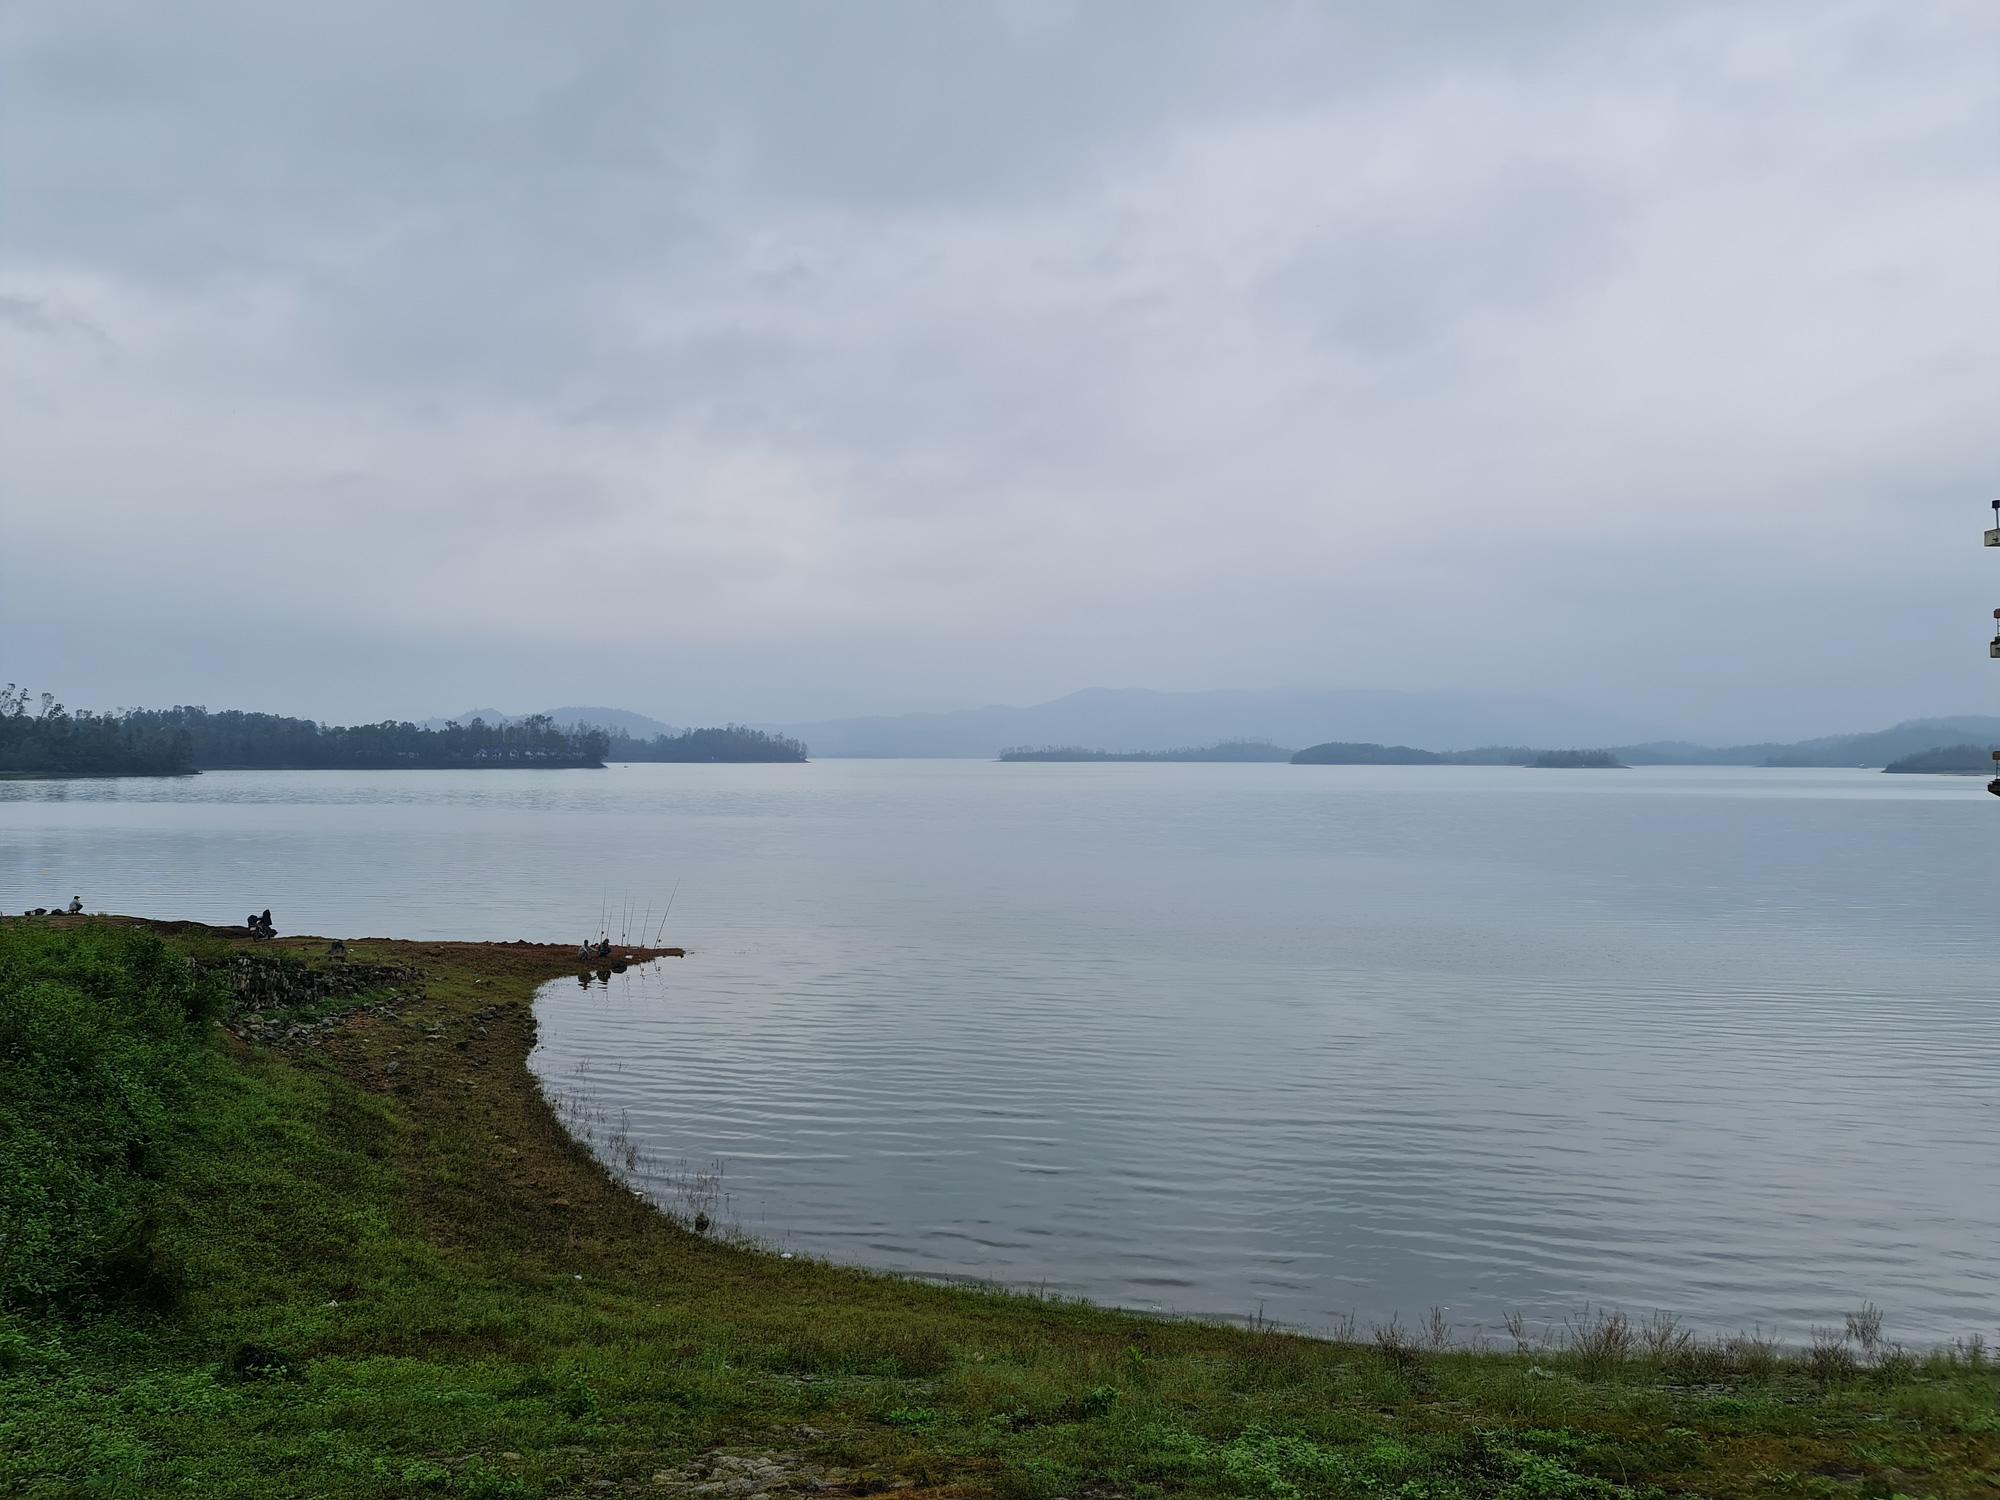 Quảng Nam: Hồ Phú Ninh an toàn, còn chứa khoảng 200 triệu mét khối nước - Ảnh 2.